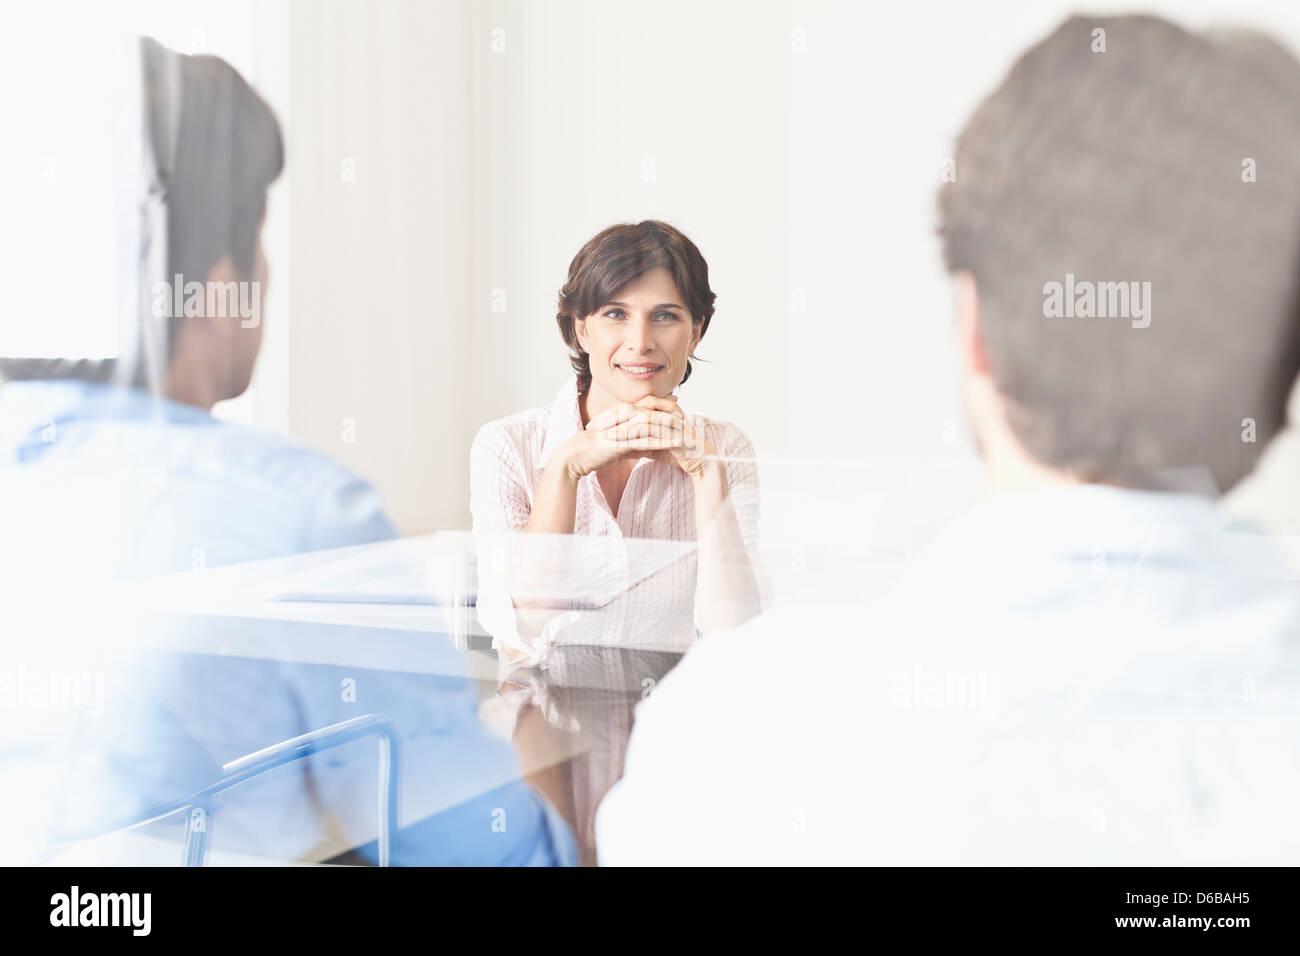 Gente de negocios vistos a través de la ventana Imagen De Stock